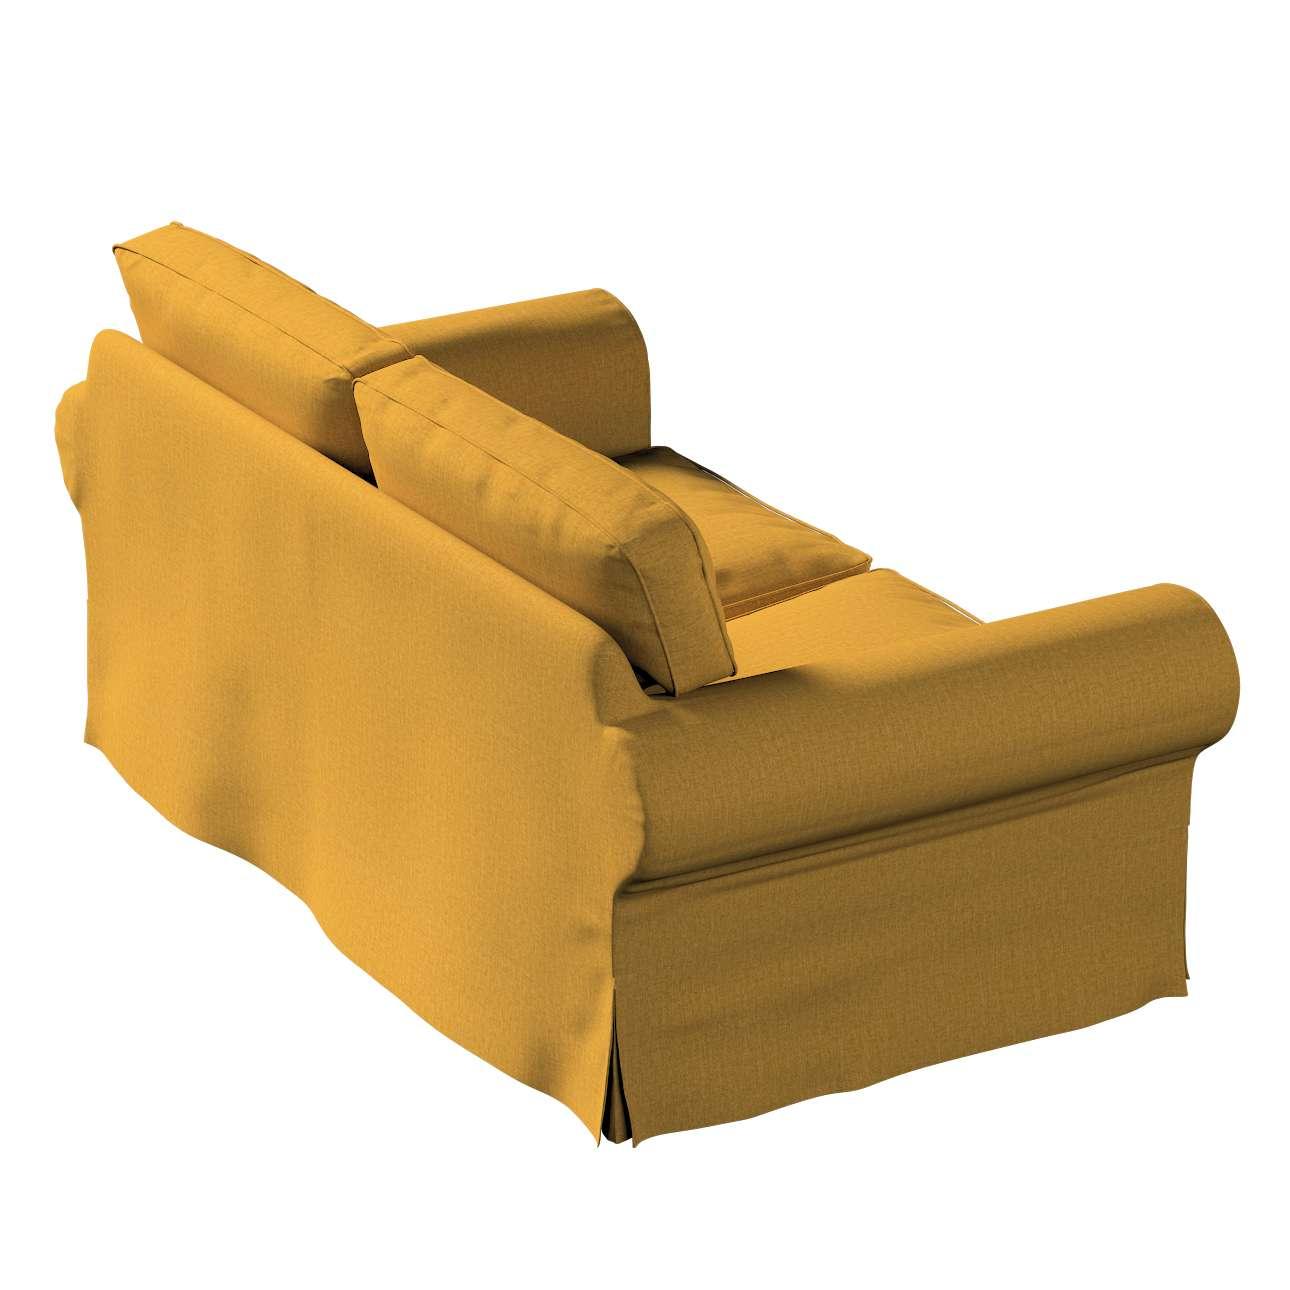 Pokrowiec na sofę Ektorp 2-osobową, nierozkładaną w kolekcji City, tkanina: 704-82